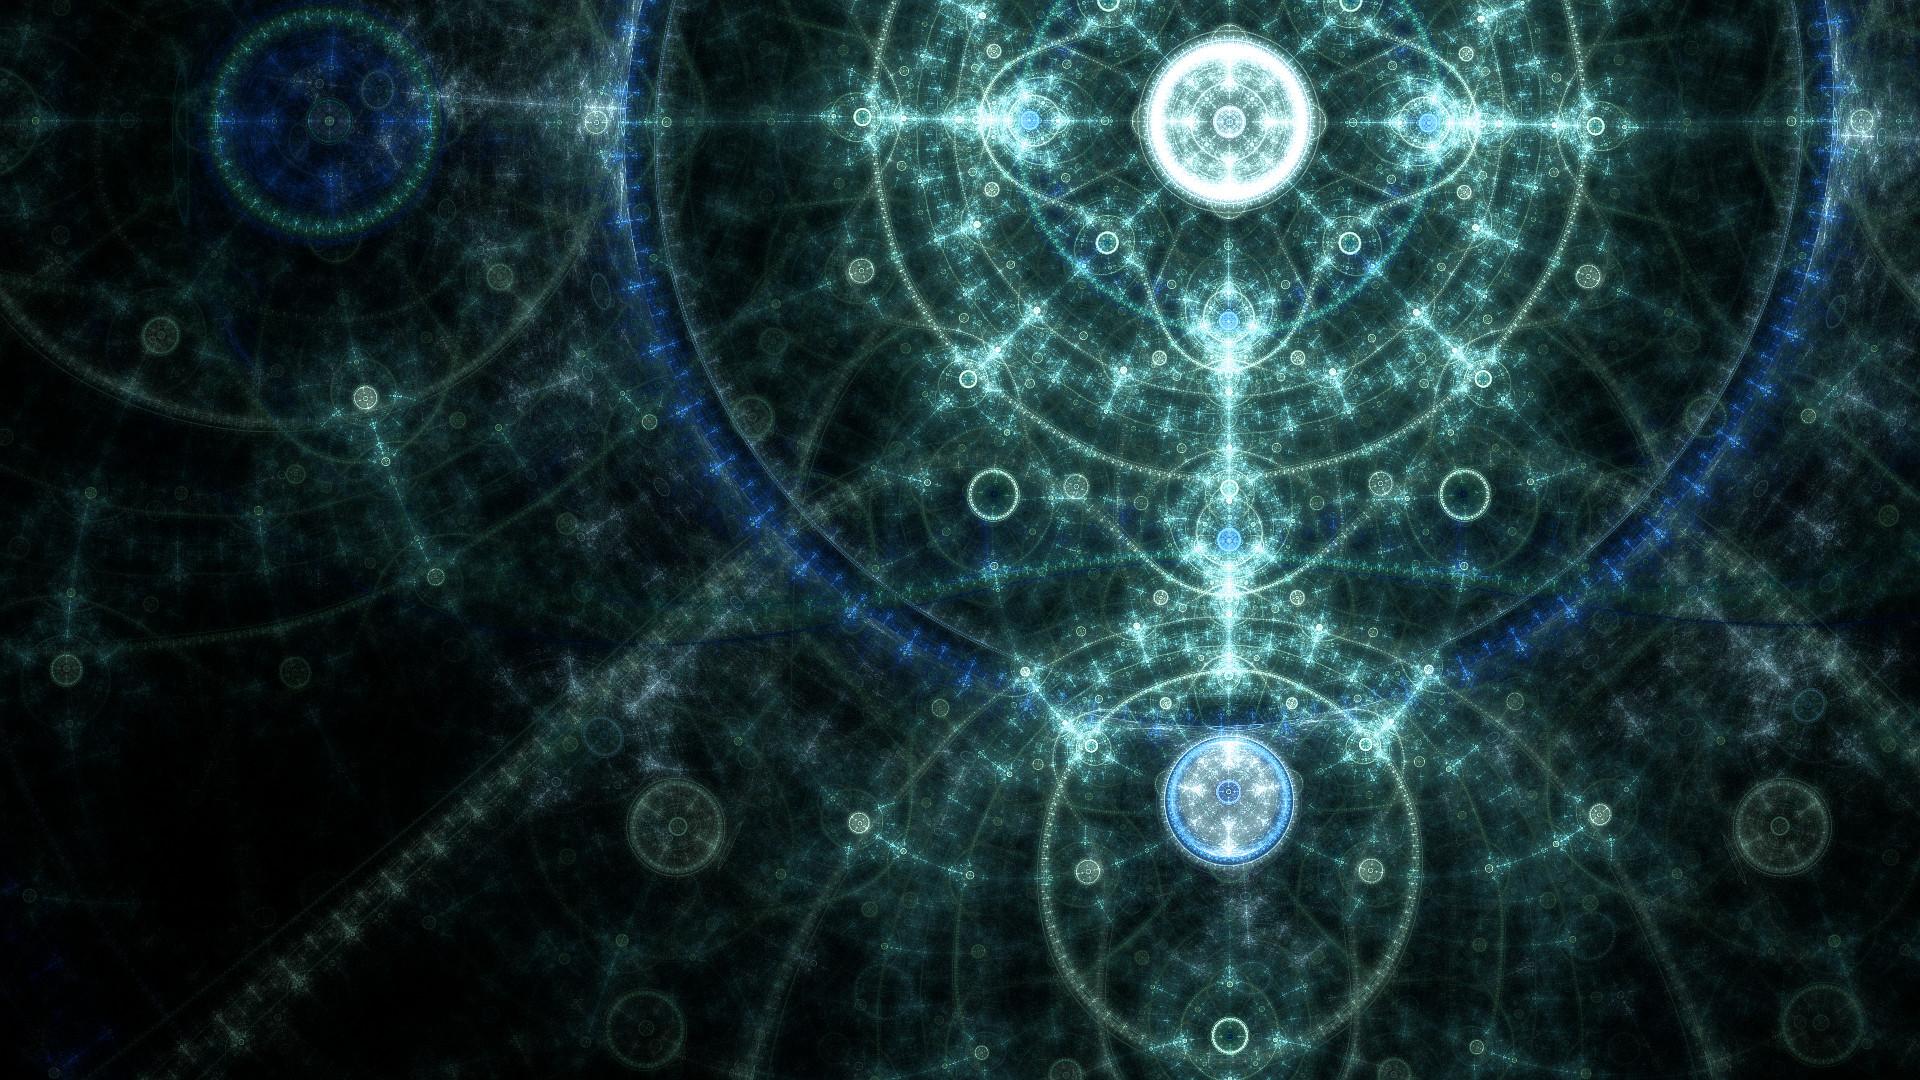 … hd wallpapers; fractal images wallpapers wallpapersafari …